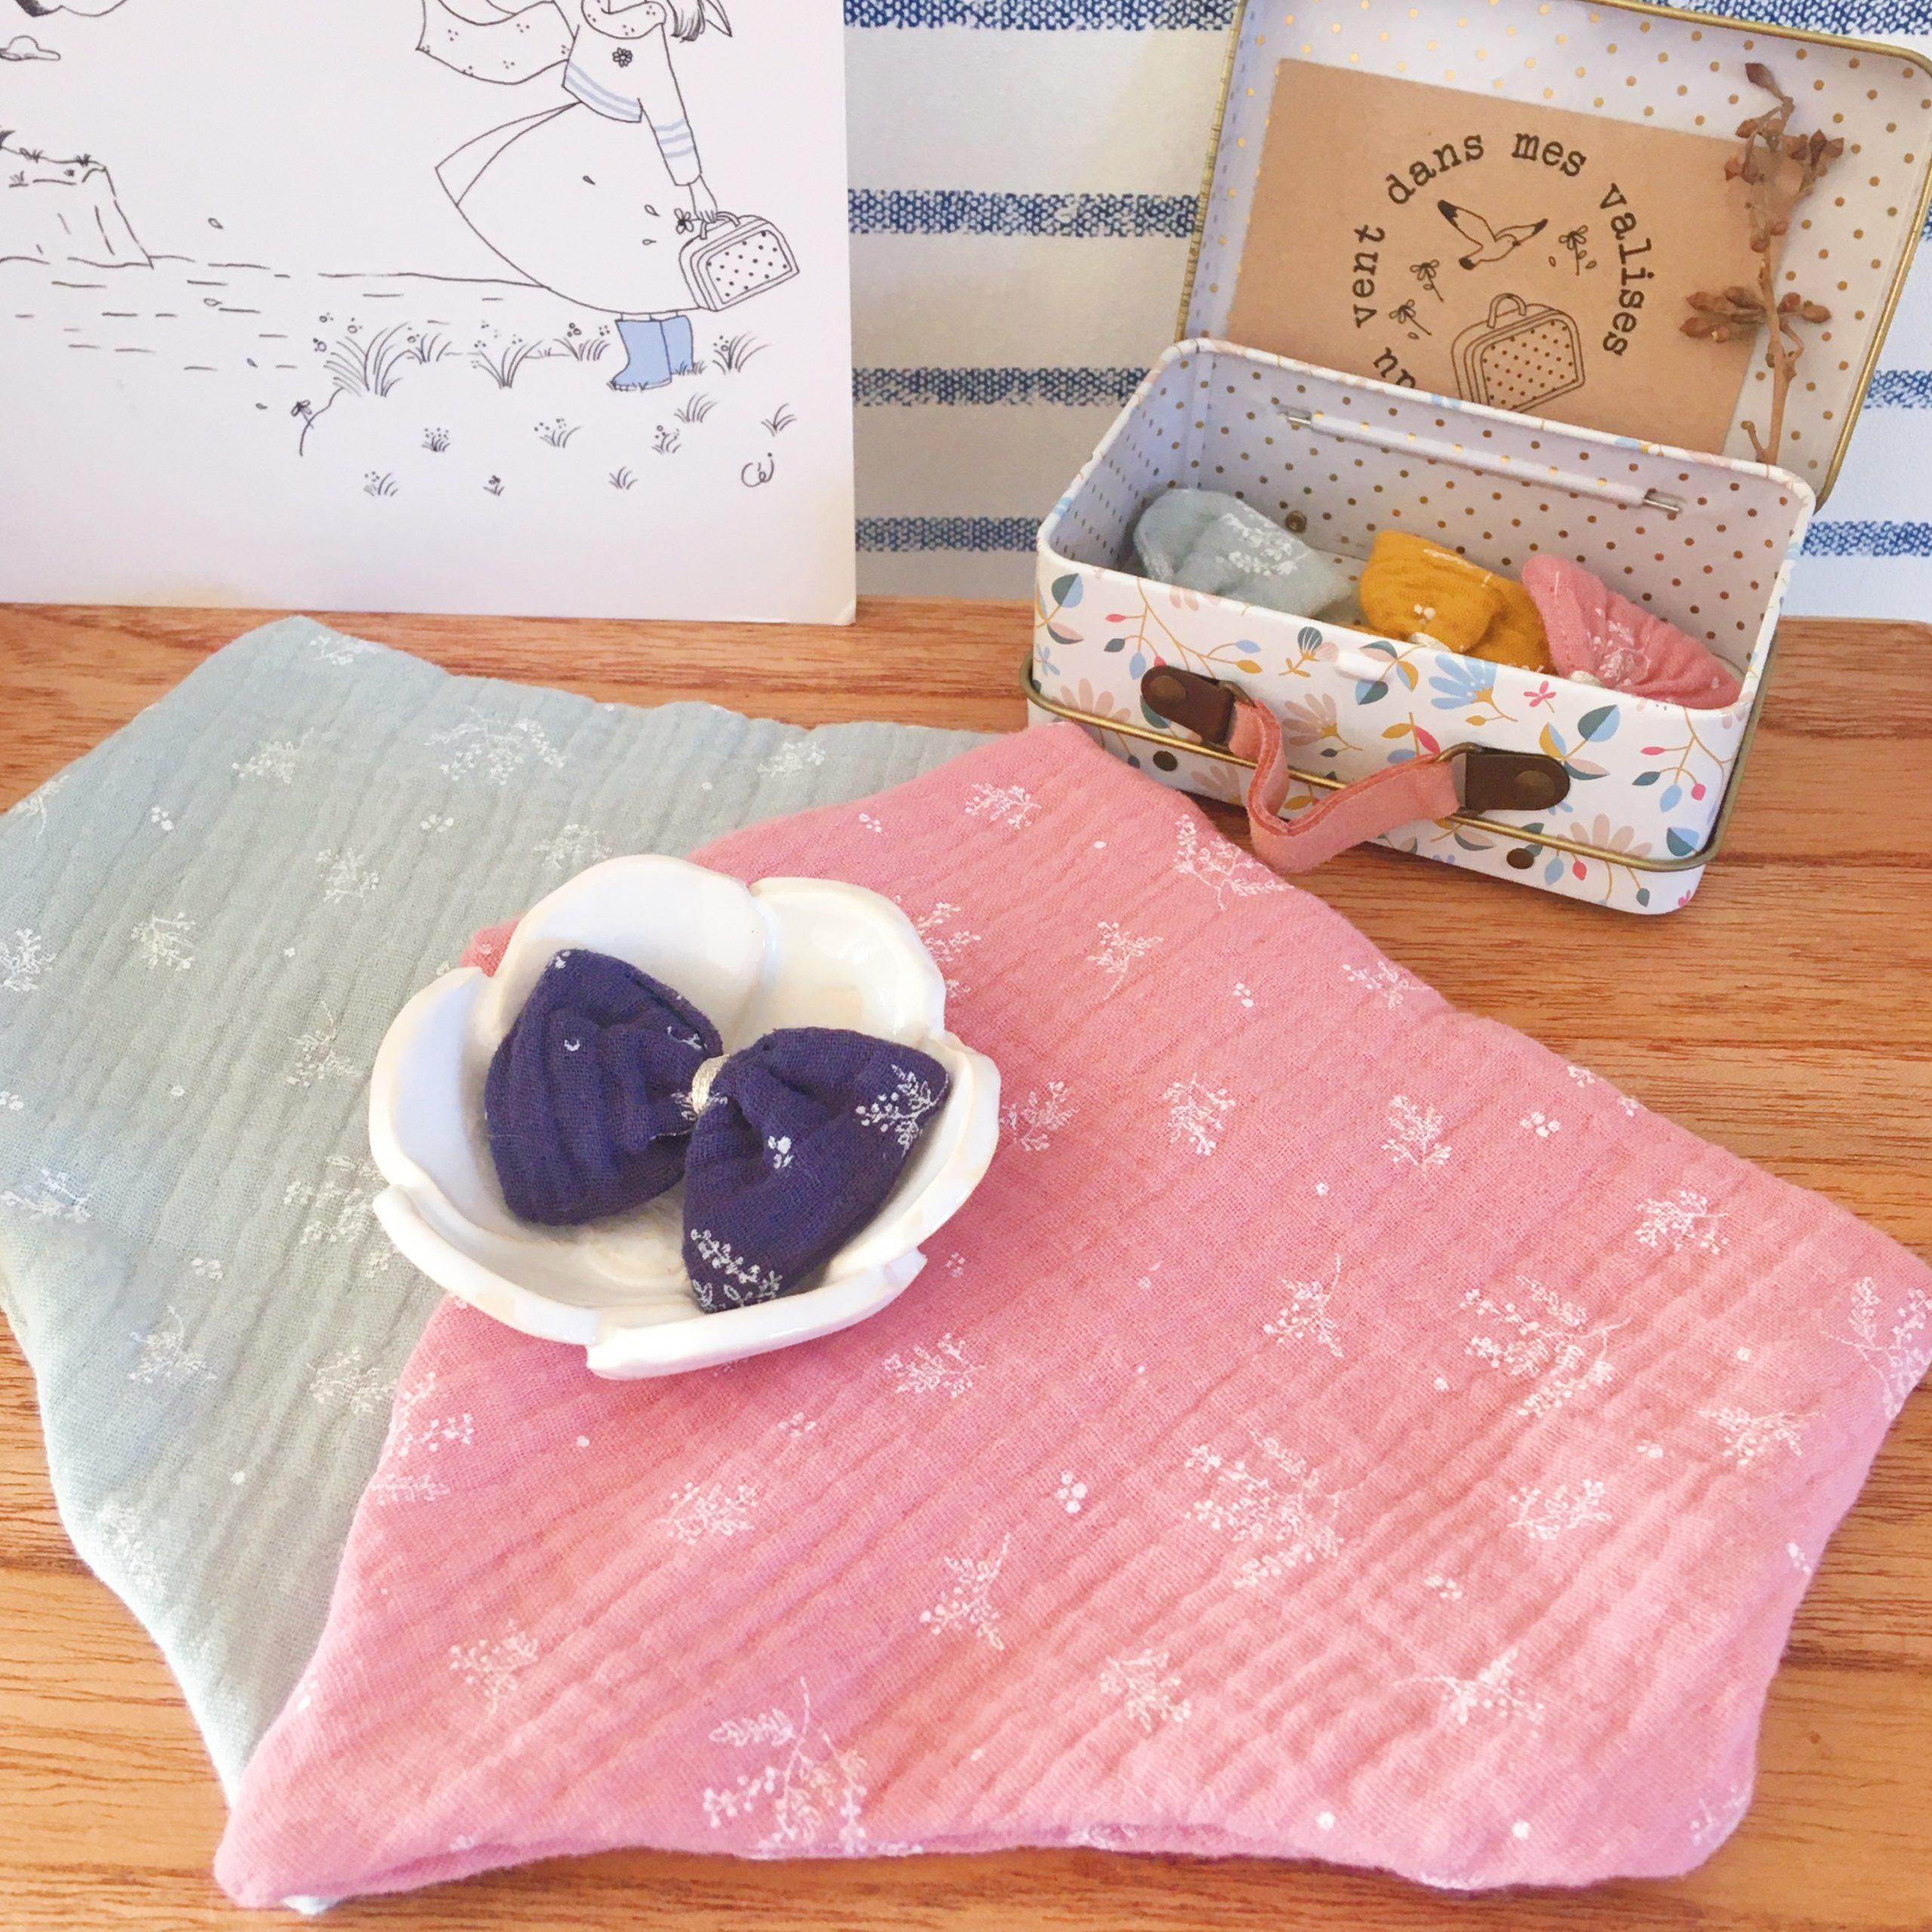 bavoir foulard bébé made in France double gaze imprimé végétal graciles graminées - du vent dans mes valises